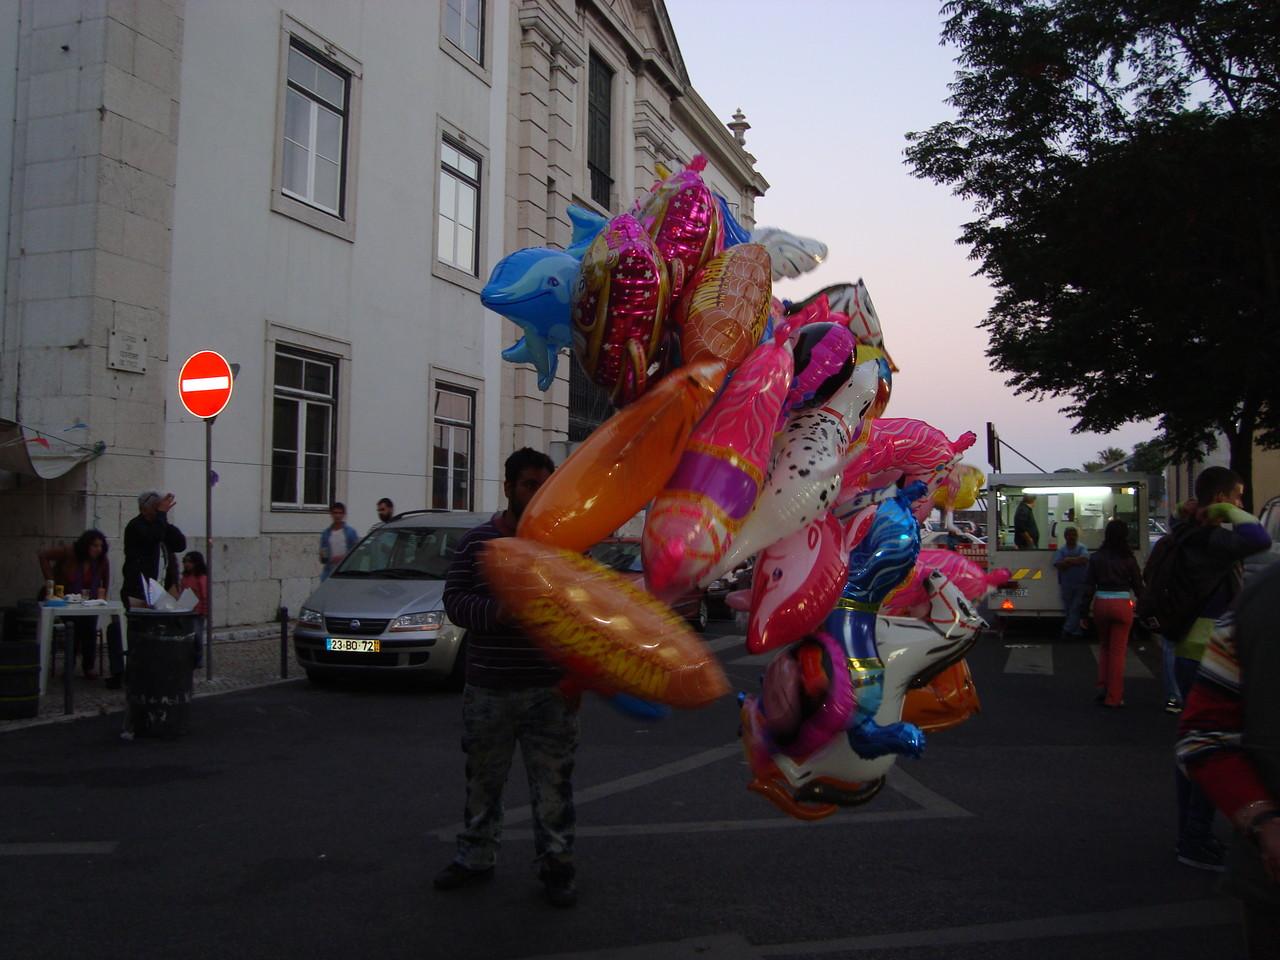 大きな風船が売っていました。(イワシ祭り)